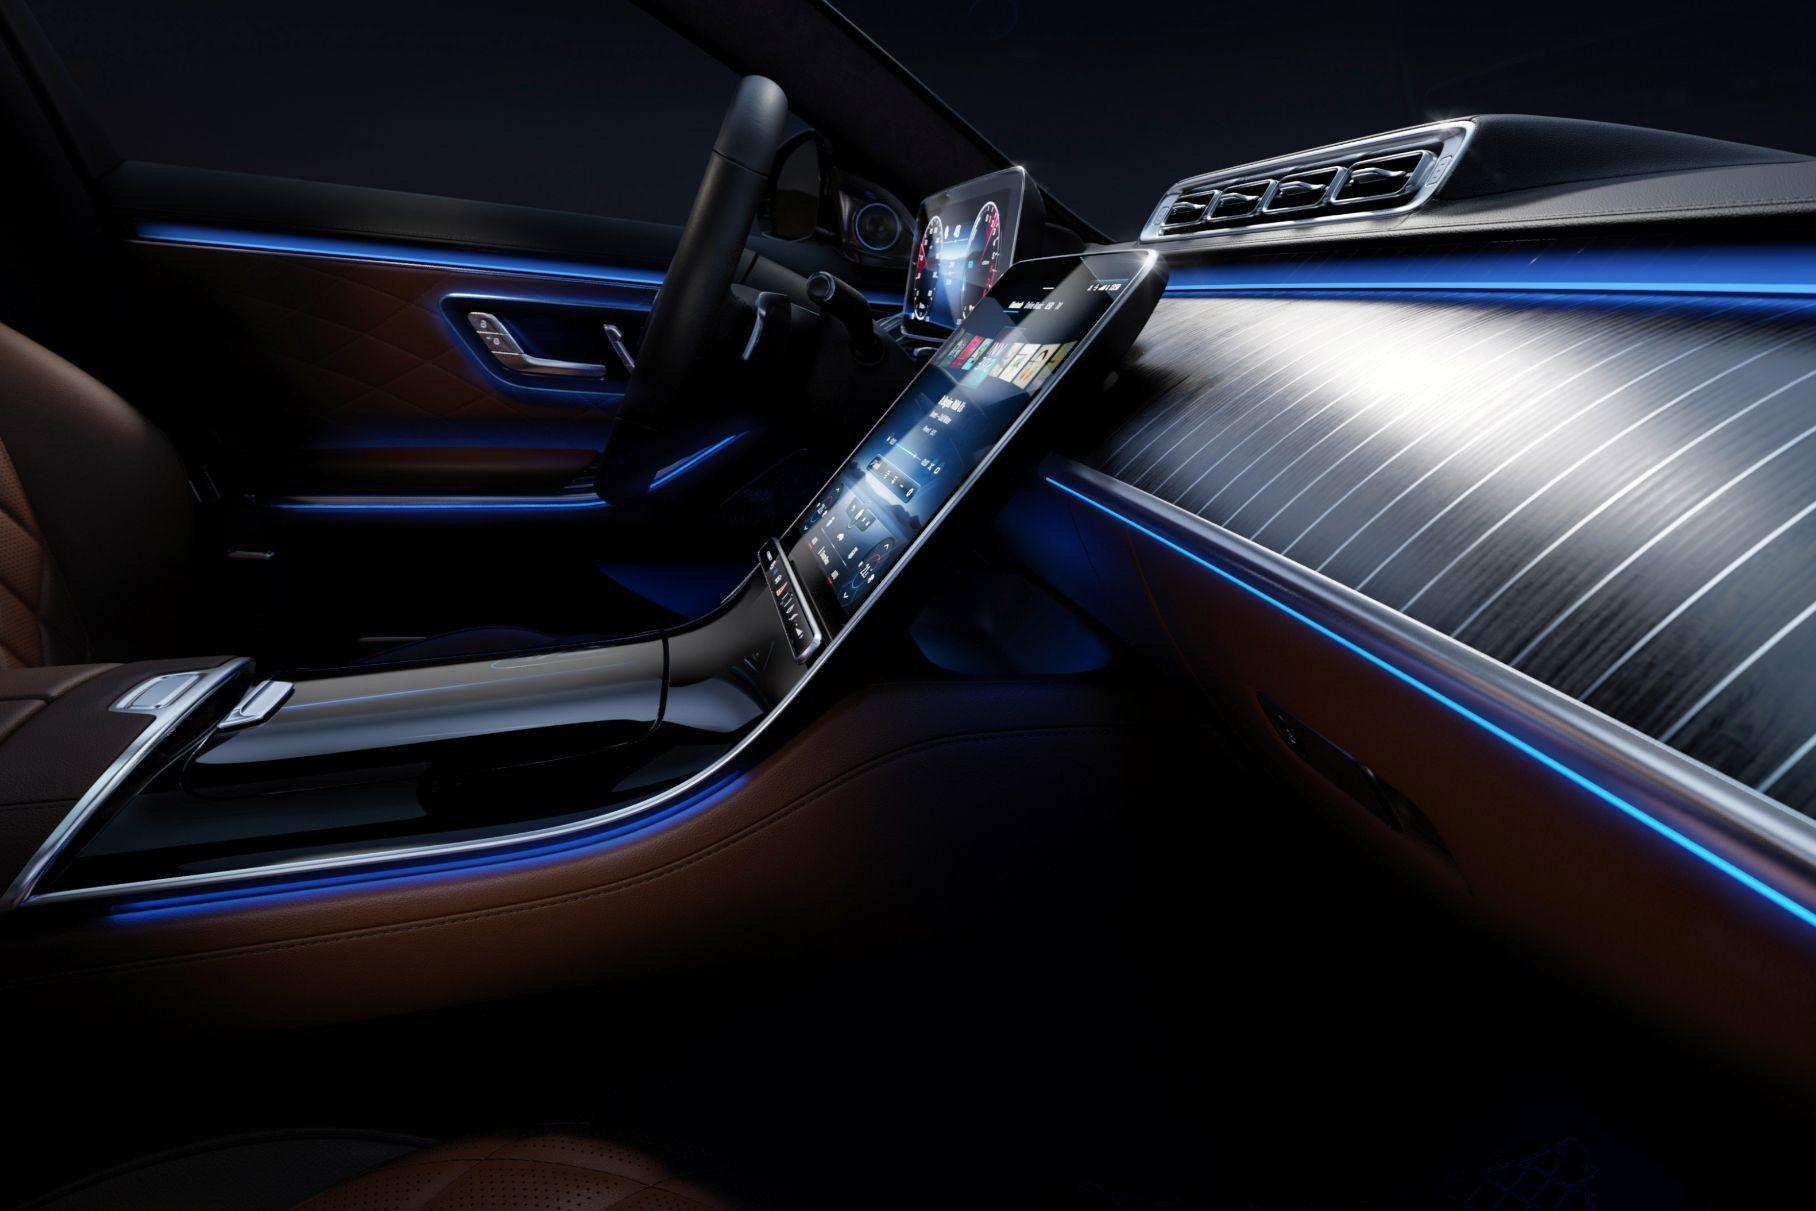 Немецкий автопроизводитель «Мерседес» поделился очередной порцией информации о следующем S-Class. Для удобства инновационную подсветку связали с функционалом автомобиля.